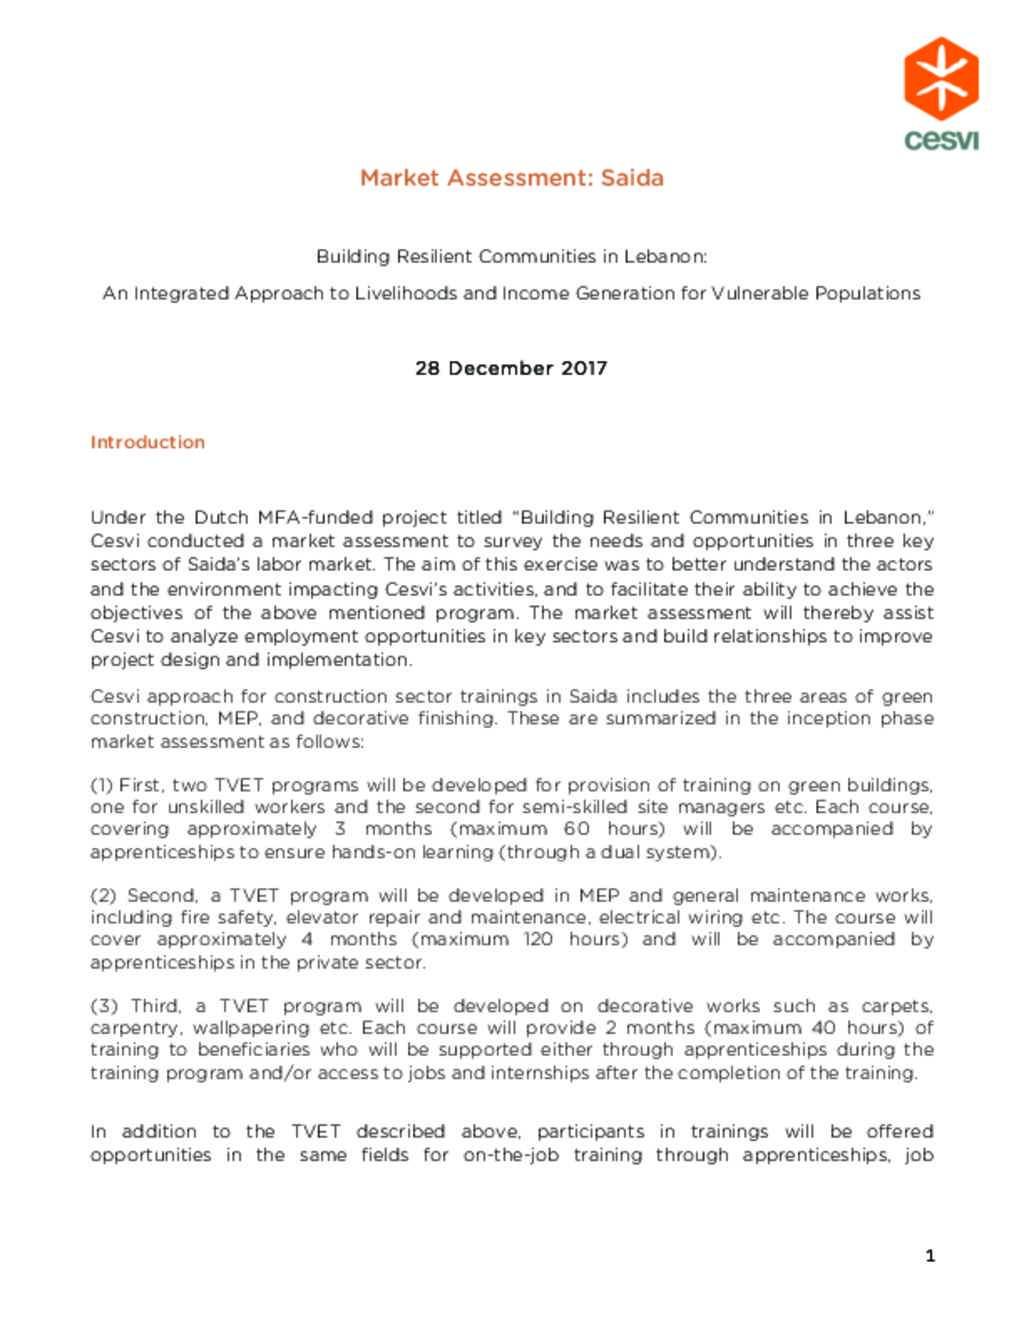 Document - Cesvi Market assessment in Saida